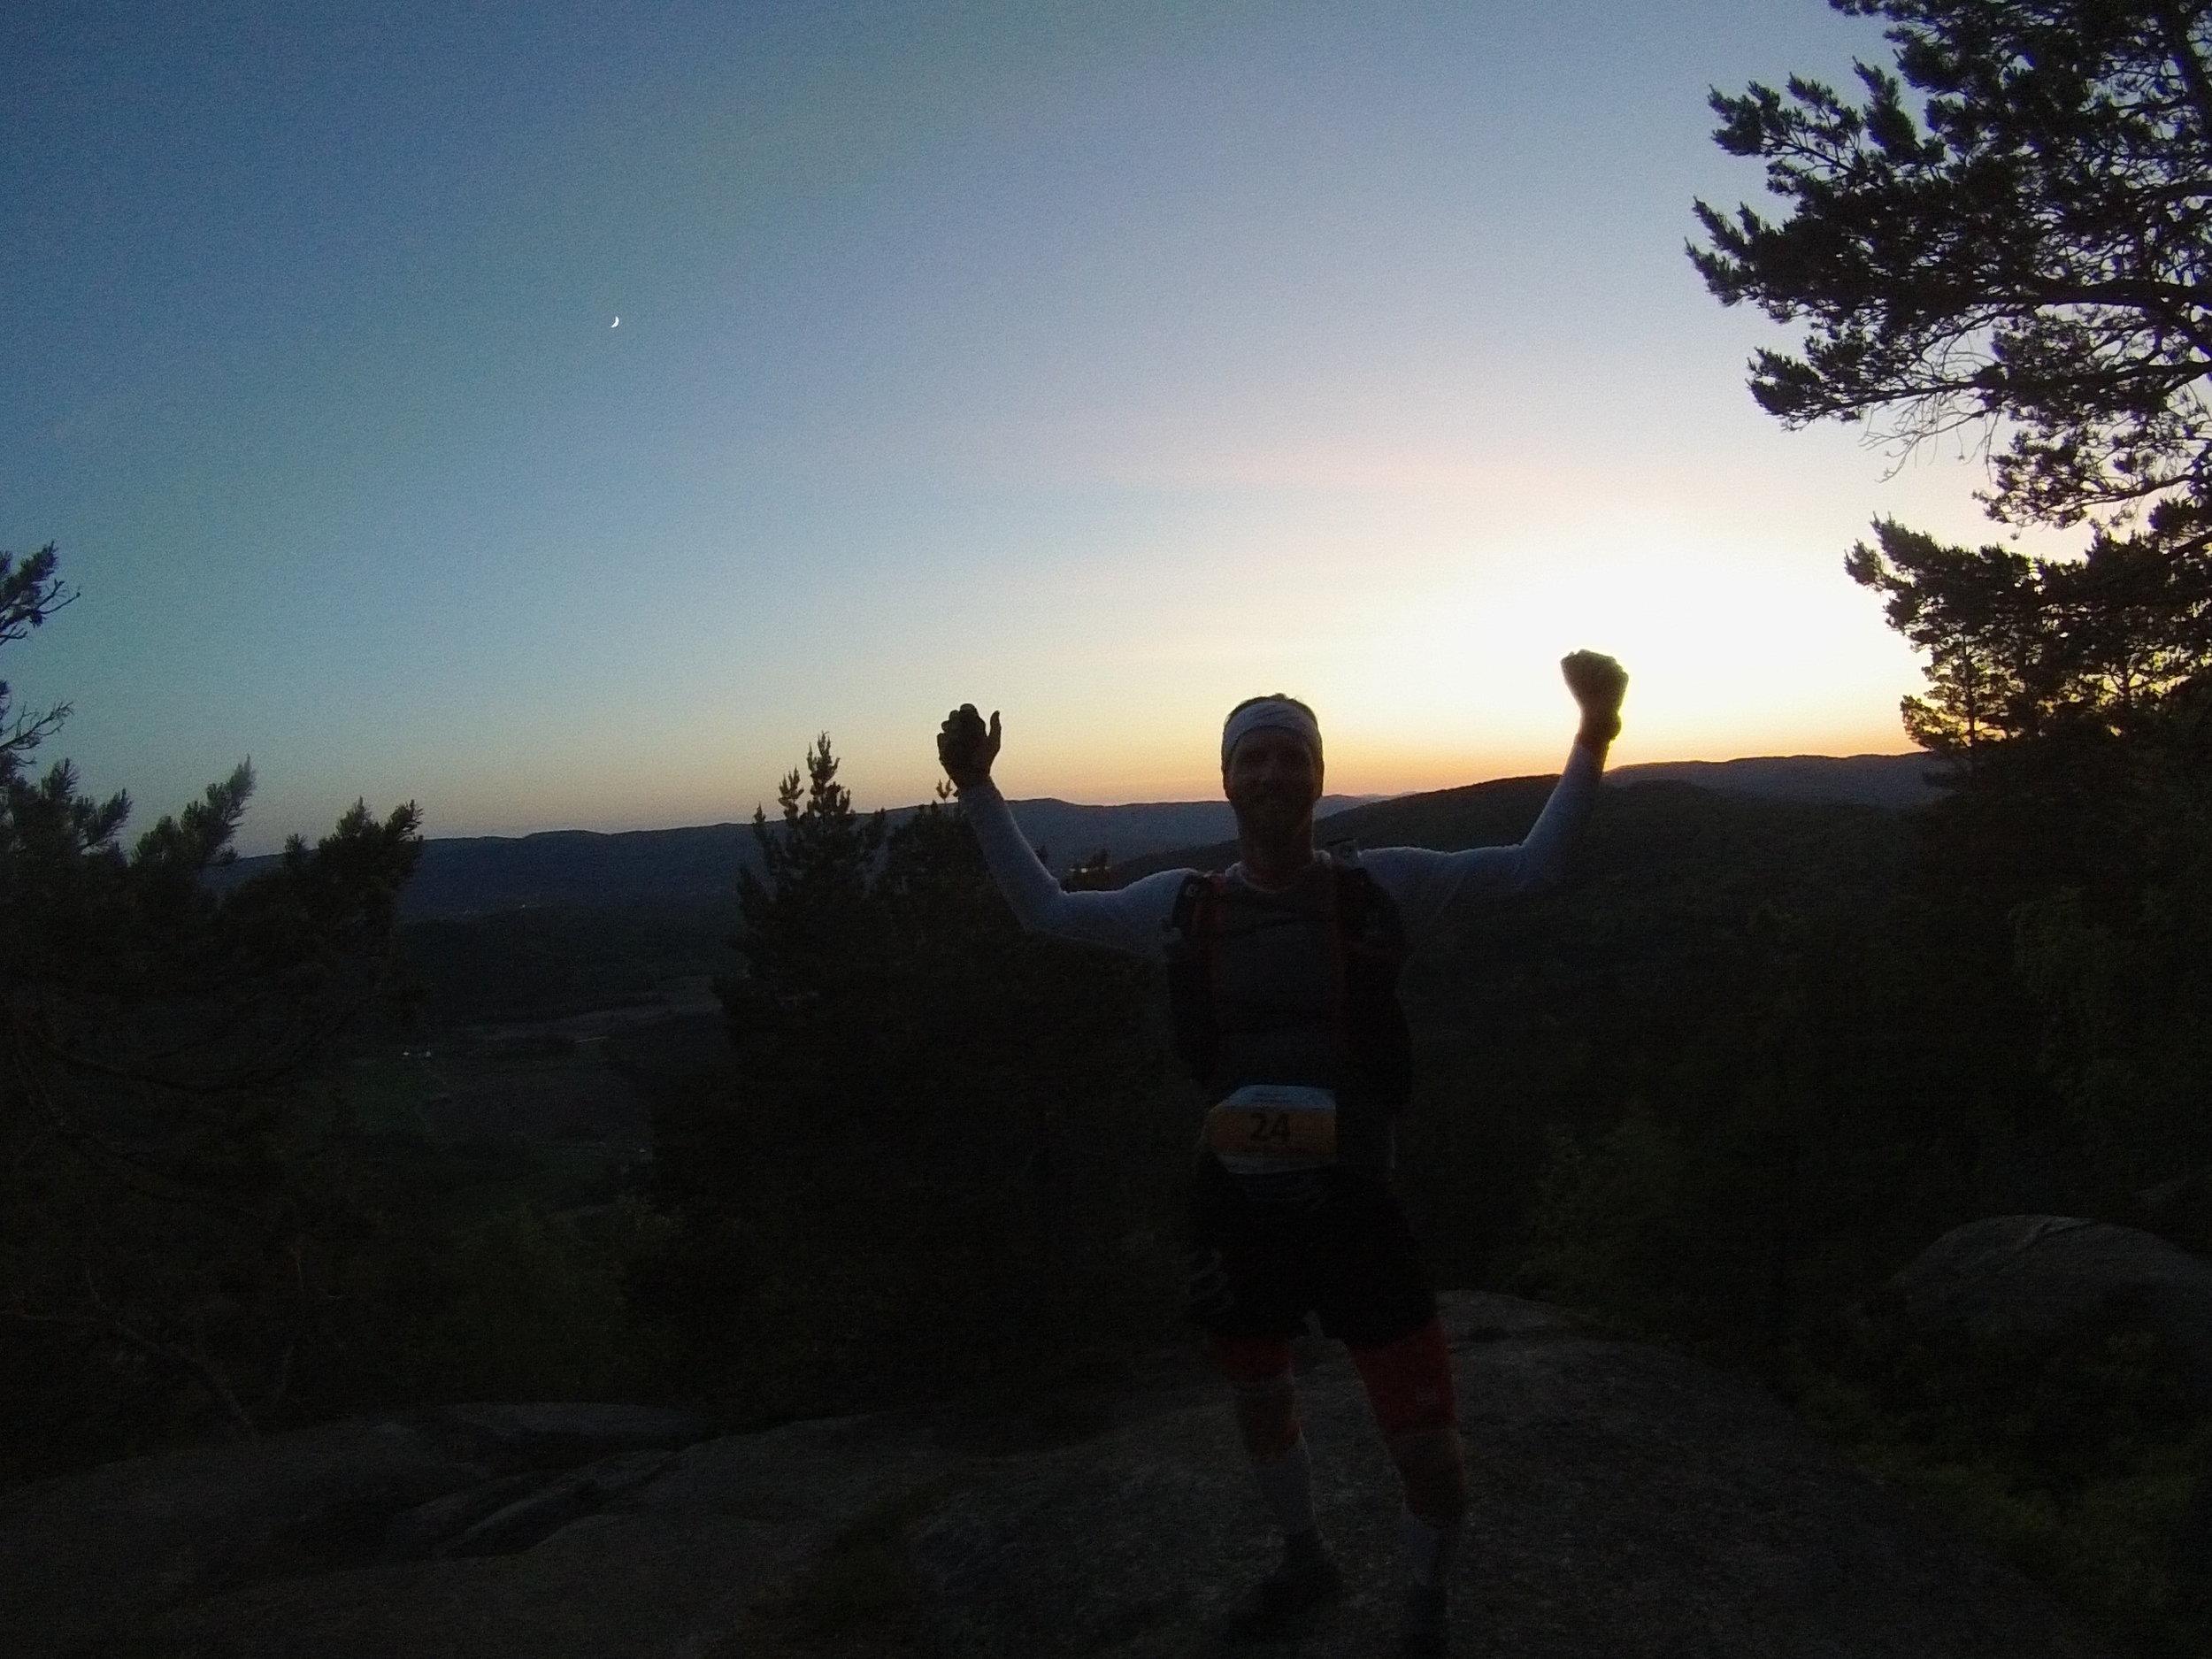 Ultraløper i solnedgang, snart ved toppen av Hvittingen 🏃♂️🌅